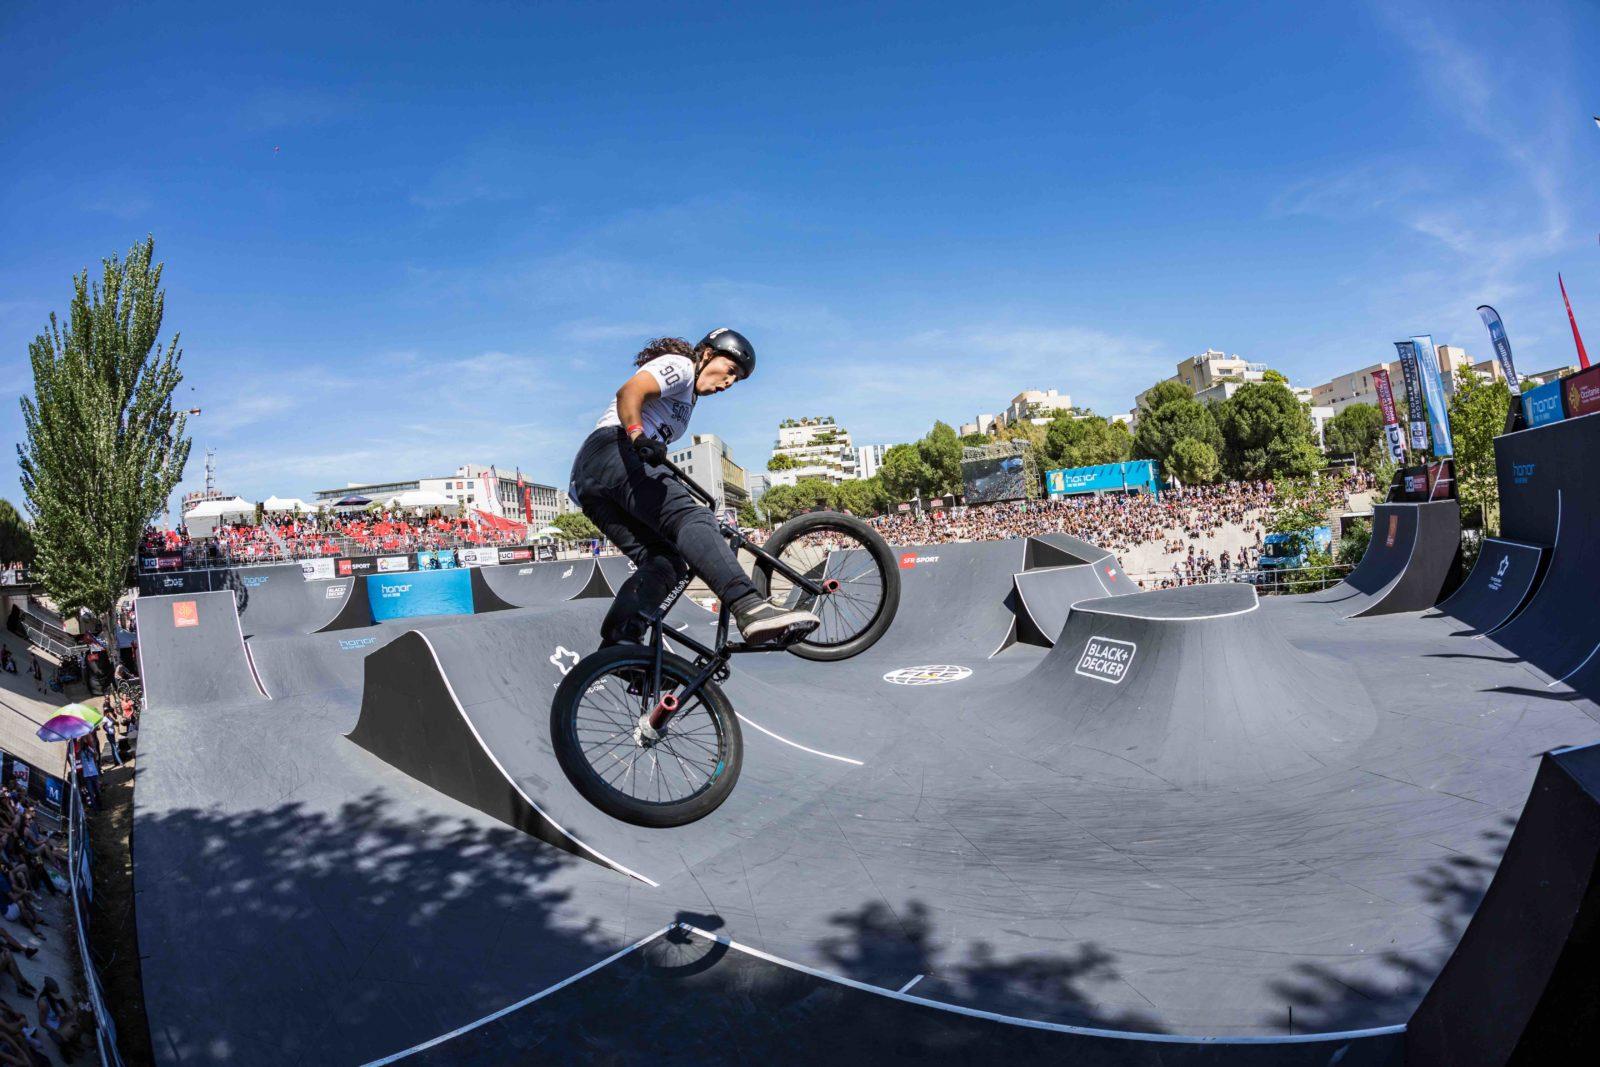 FISEMontpellier2017BMXFreestyleParkWomen - Bmx, skate, wake... : rendez-vous au Fise pour supporter les meilleurs riders internationaux